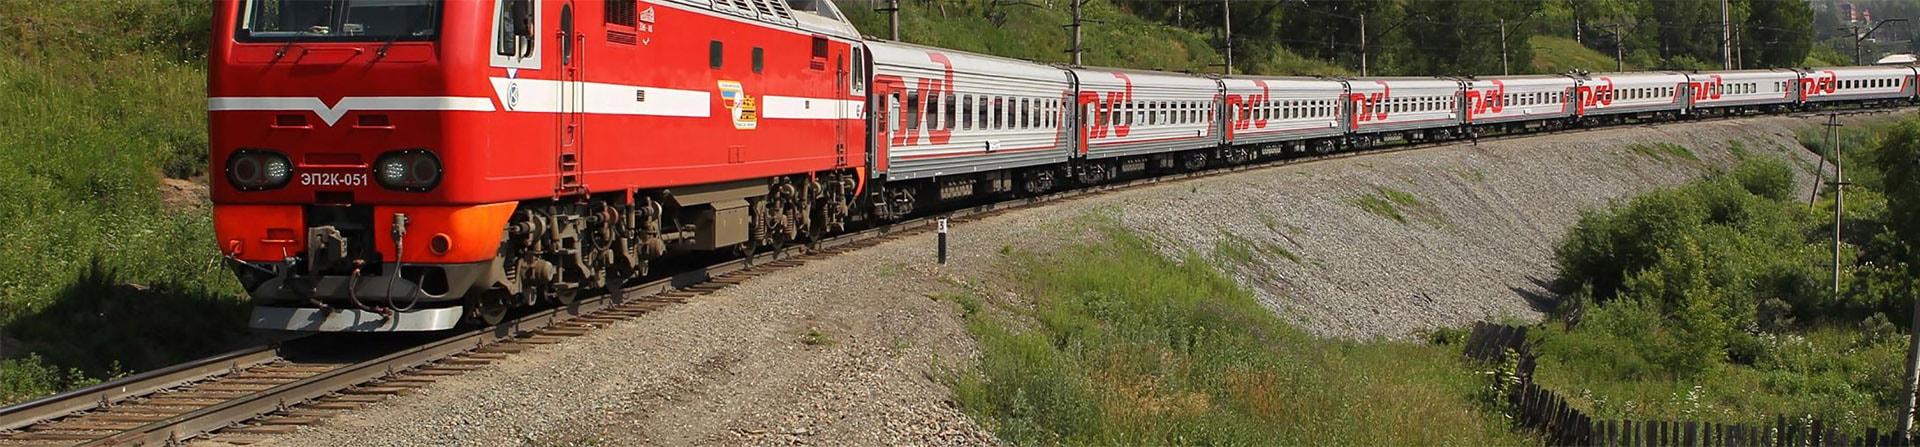 Обслуживание локомотивов. Разработка брендбука